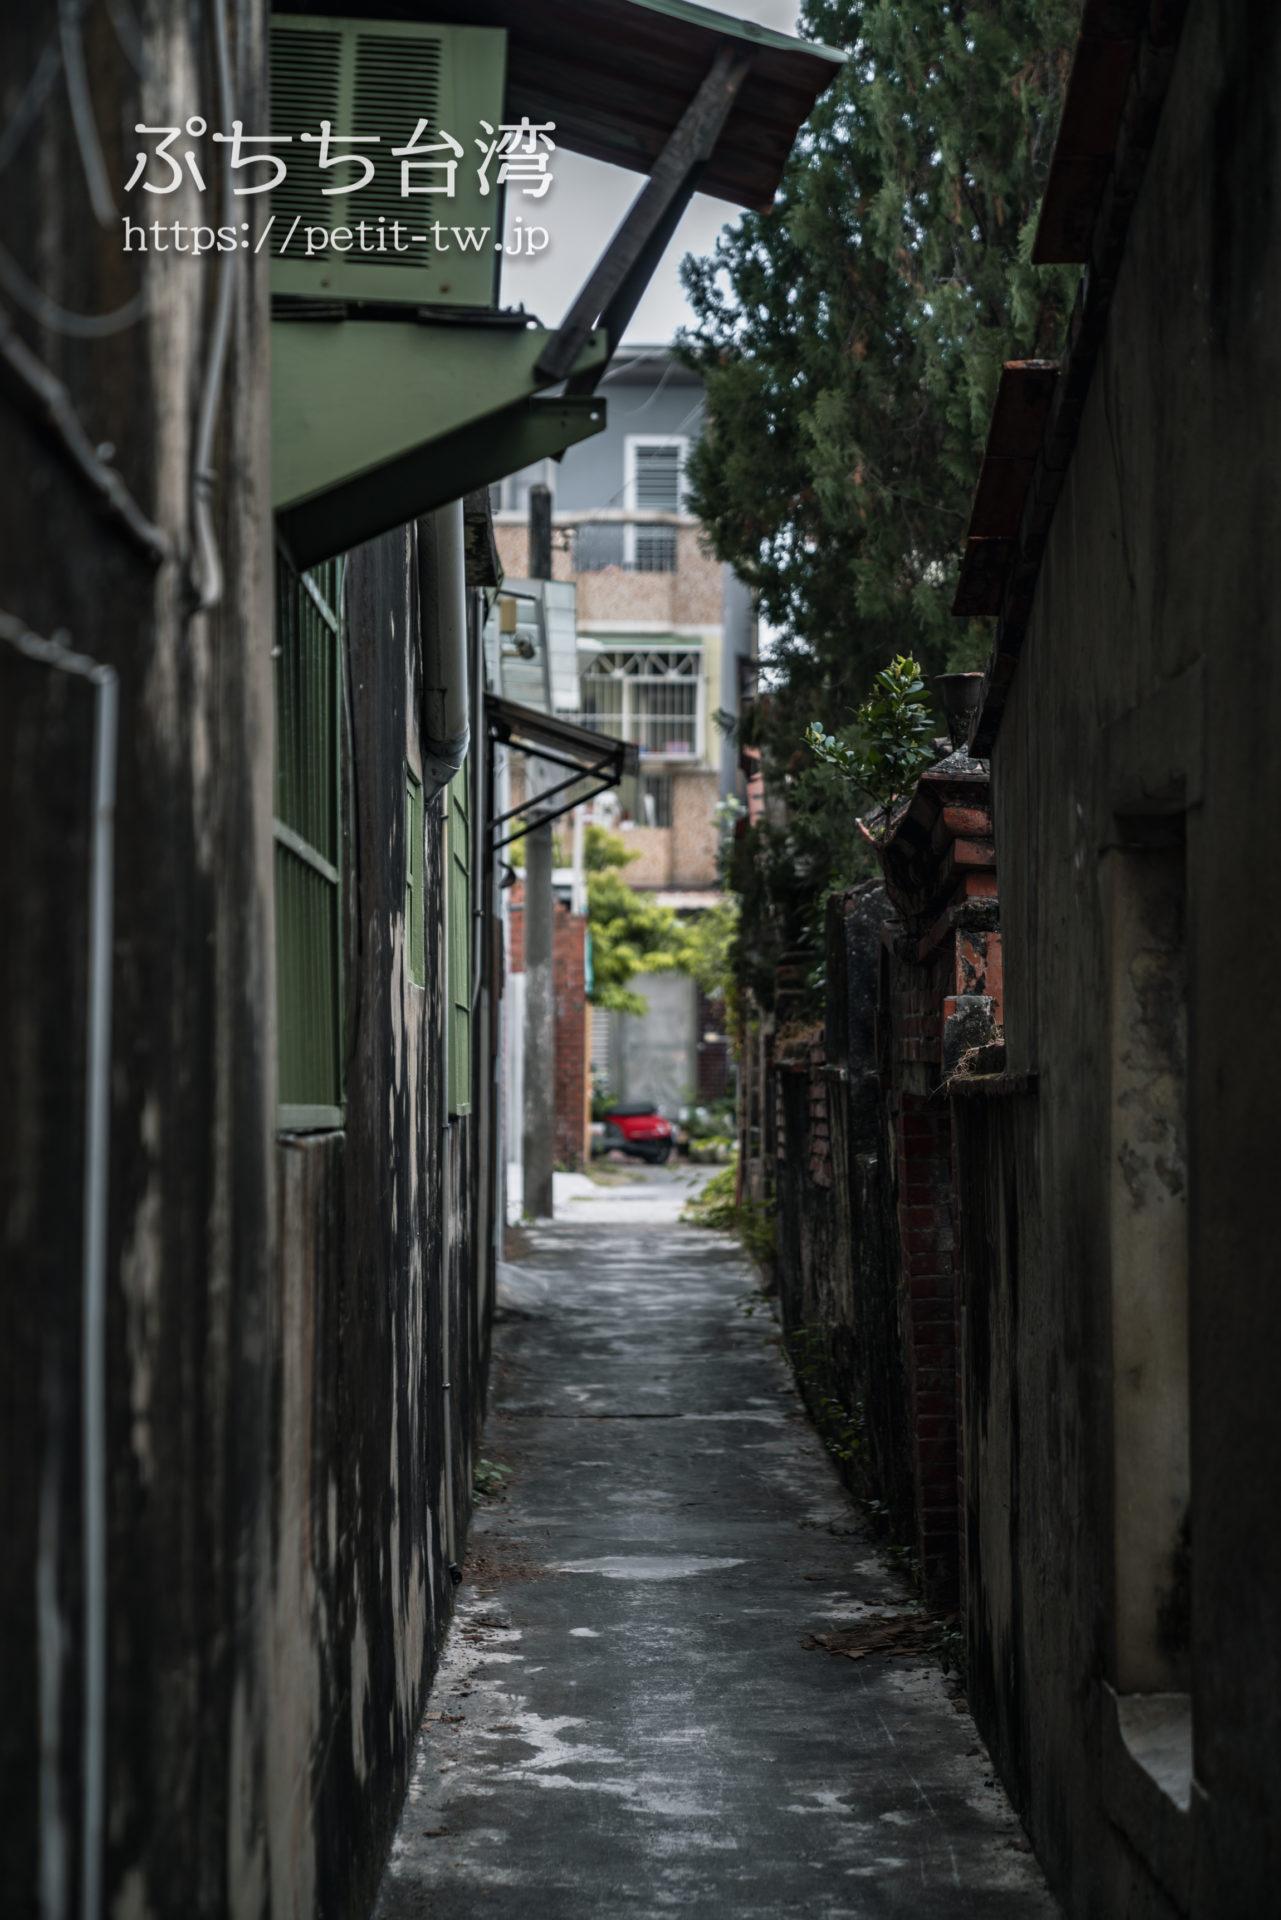 安平の路地裏写真集